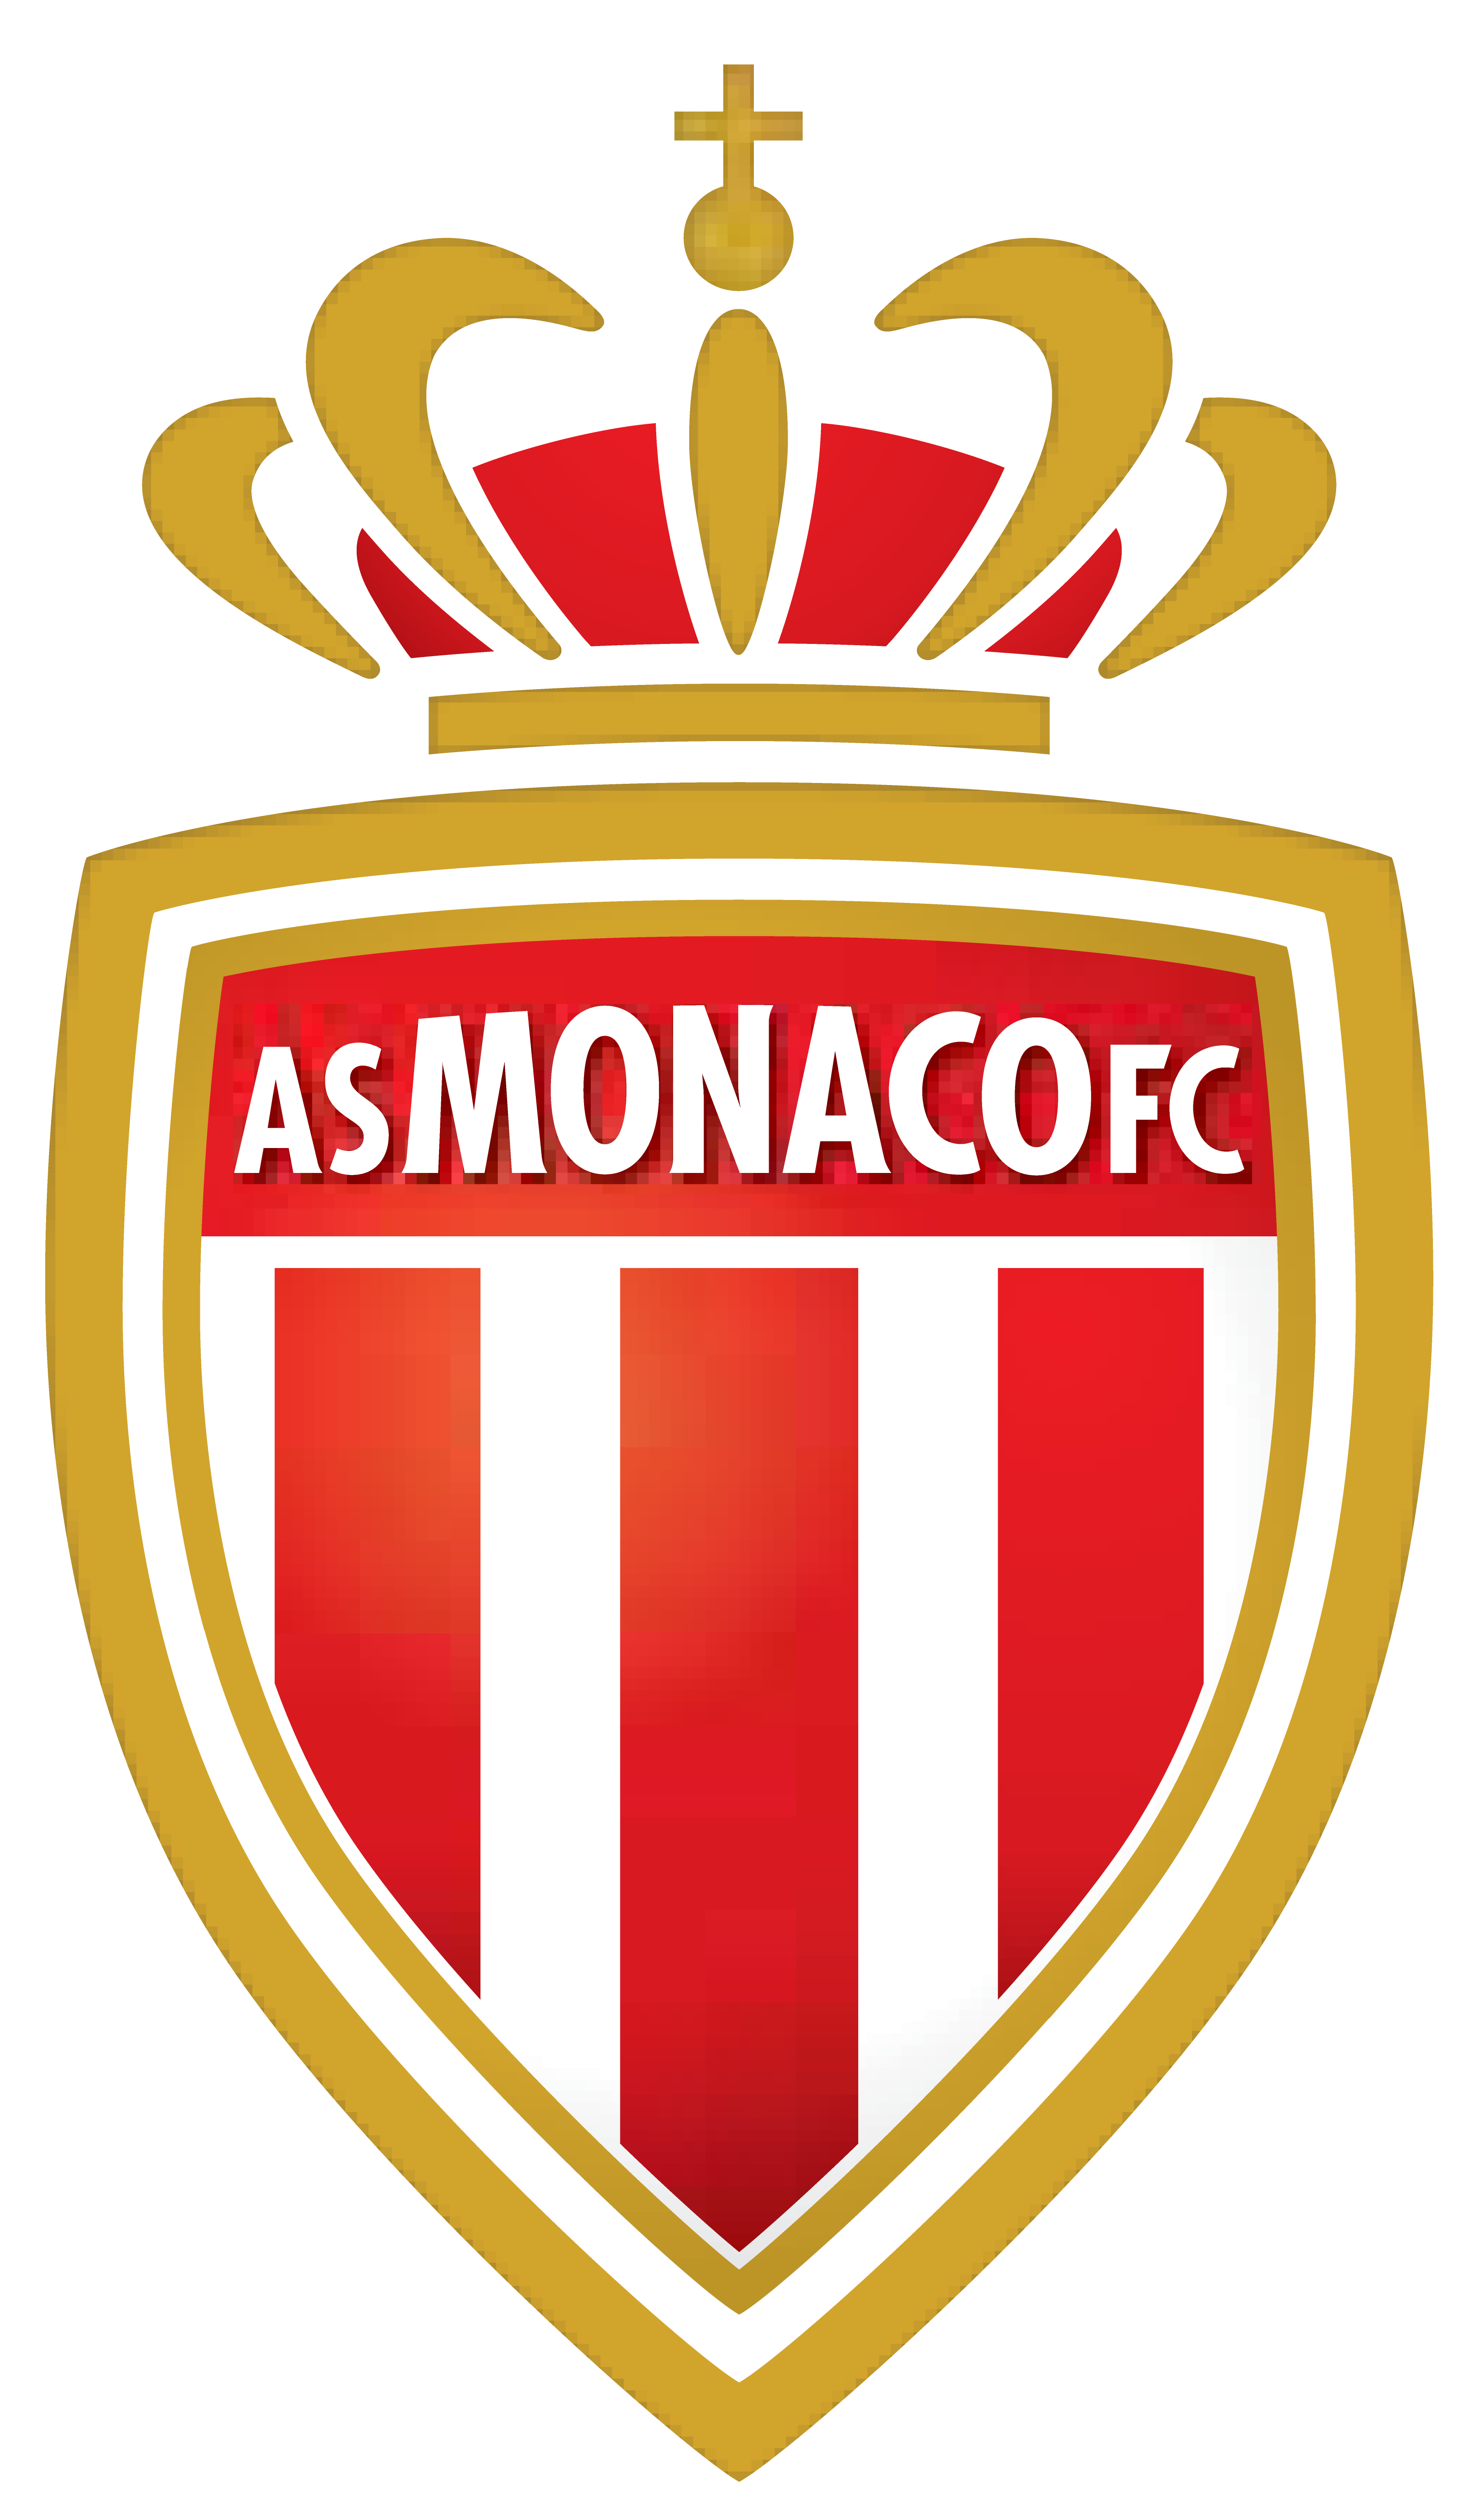 monaco fc logo 5 - Monaco FC Logo